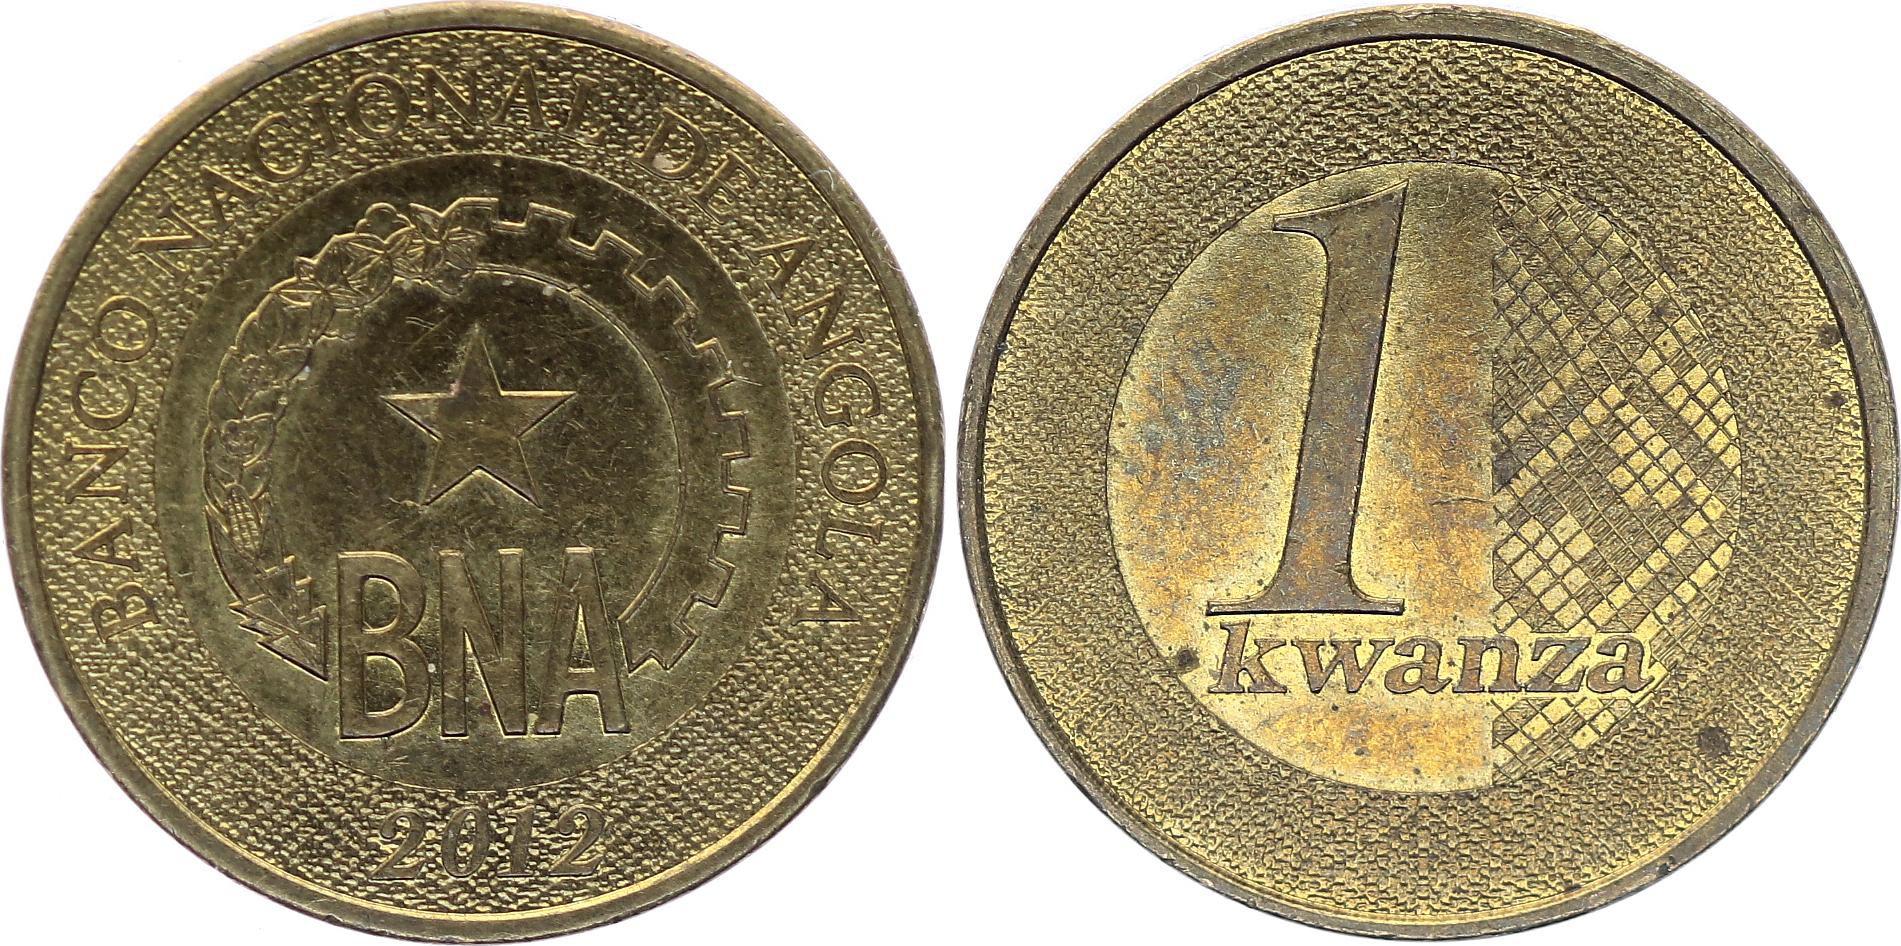 Angola 1 Kwanzas BNA - 2012 - Bimetal - AU - KM.108